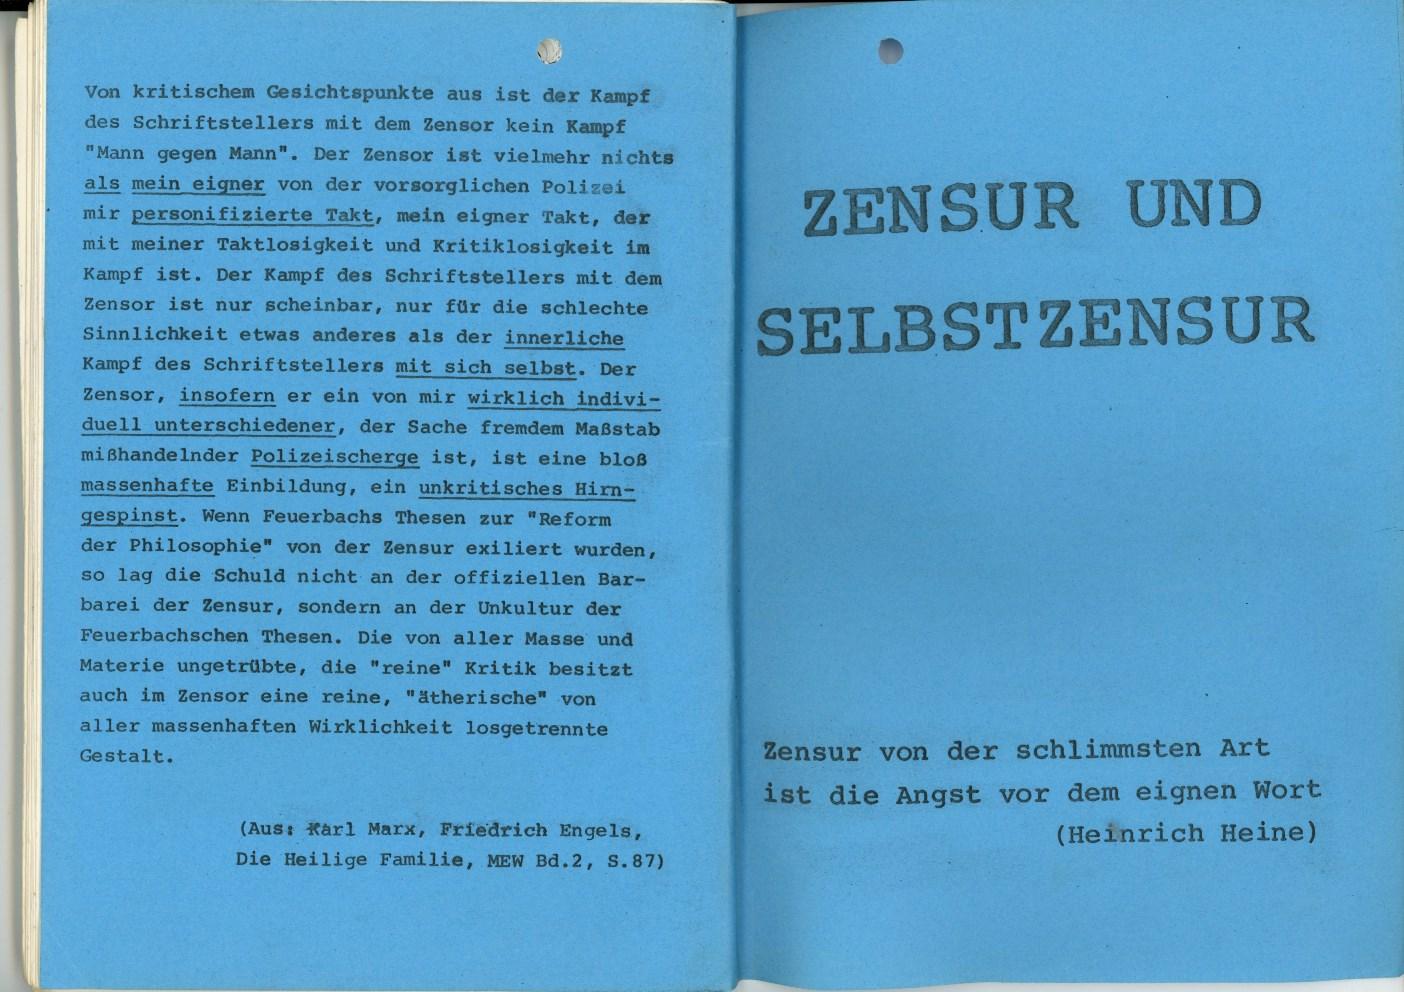 Hamburg_Vorbereitungsgruppe_Russell_Tribunal_Zensur_1978_01